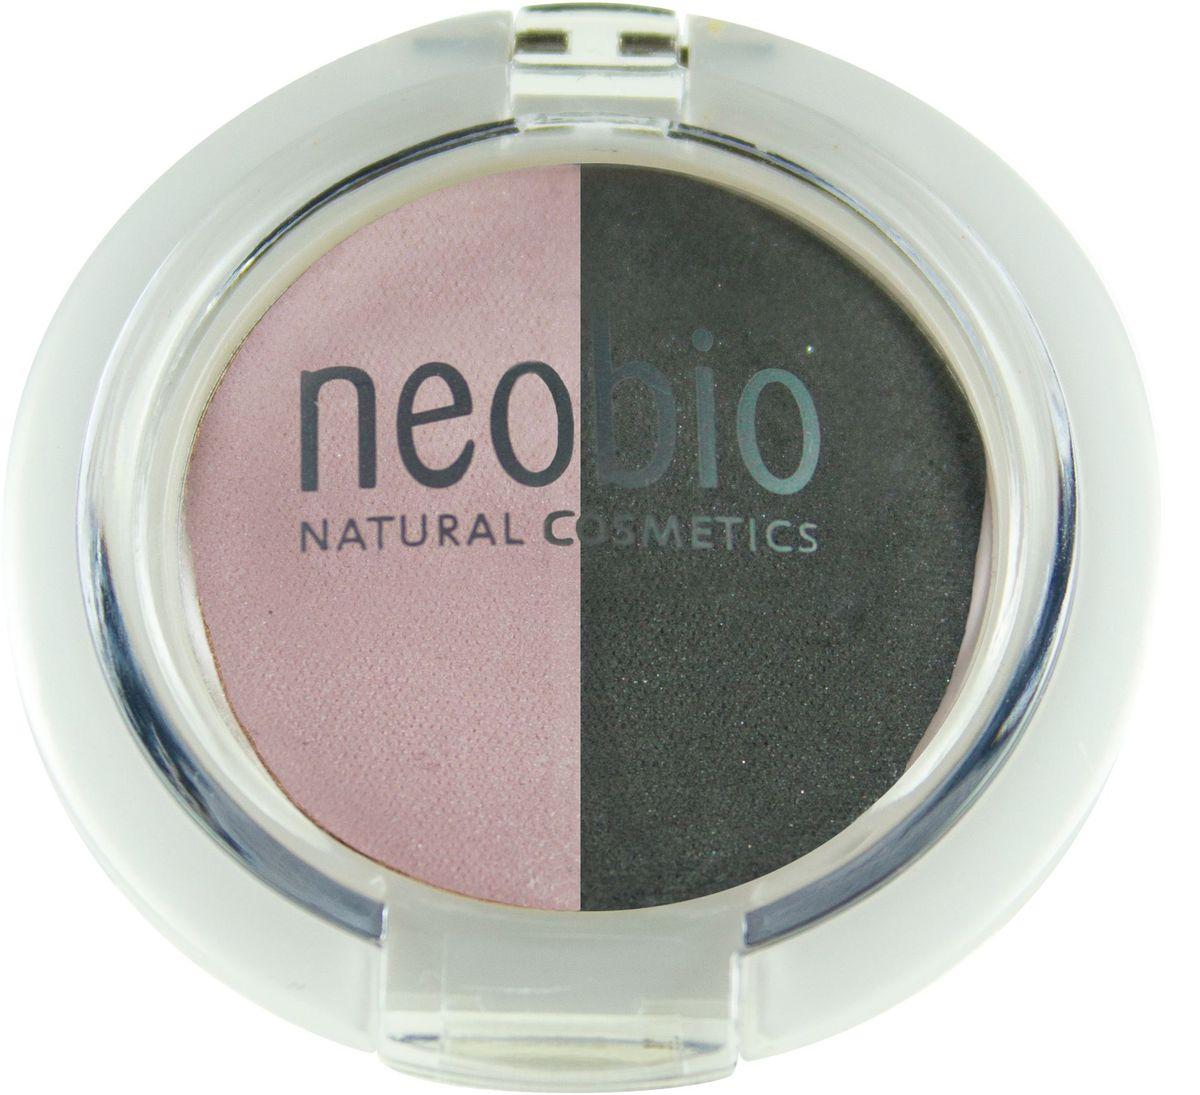 Neobio Двойные тени для век, тон № 01 (розовый бриллиант), 2,5 г62054Тени для век Neobio легко наносятся, не скатываются и не осыпаются, держатся в течение дня. В результате нанесения получается элегантный макияж глаз и в тоже время надежный уход и защита за Вашей кожей. Благодаря своему натуральному составу тени Neobio подходят для чувствительных глаз, а также при ношении контактных линз. Тени содержат безвредные деликатные красящие пигменты, одобренные международной сертификацией NATRUE. Входящие в состав органическое масло макадамии, органическое масло клещевины и витамин Е благотворно влияют на кожу век, увлажняют ее и смягчают. Слюда оказывает противовоспалительный эффект, поглощает излишки жира и матирует. Двойные тени розовый бриллиант идеально подойдут для NUDE макияжа. В комбинации с оттенком туманная ночь легкий NUDE превратится в вечерний макияж. Натуральность продукта подтверждена международным сертификатом NATRUE. Продукт прошел дерматологический контроль. Состав: Тальк, слюда, триглицерид каприловой/каприновой кислоты,...